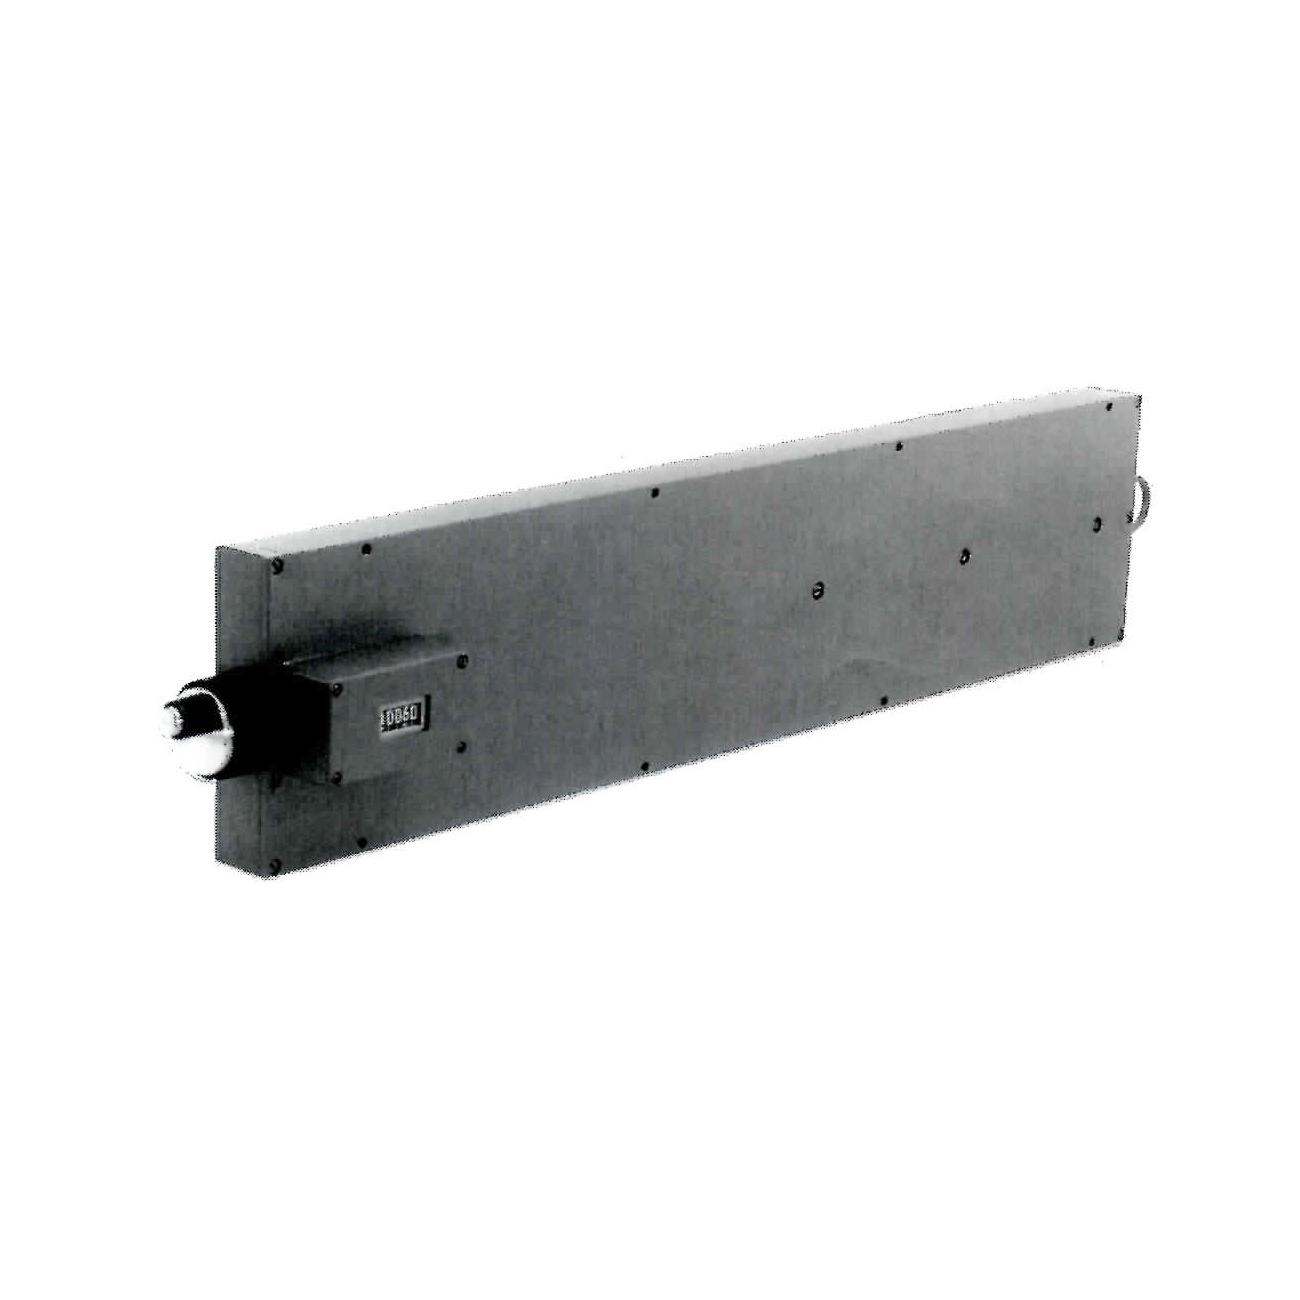 移相器PS523303 [DC to 1 GHz]